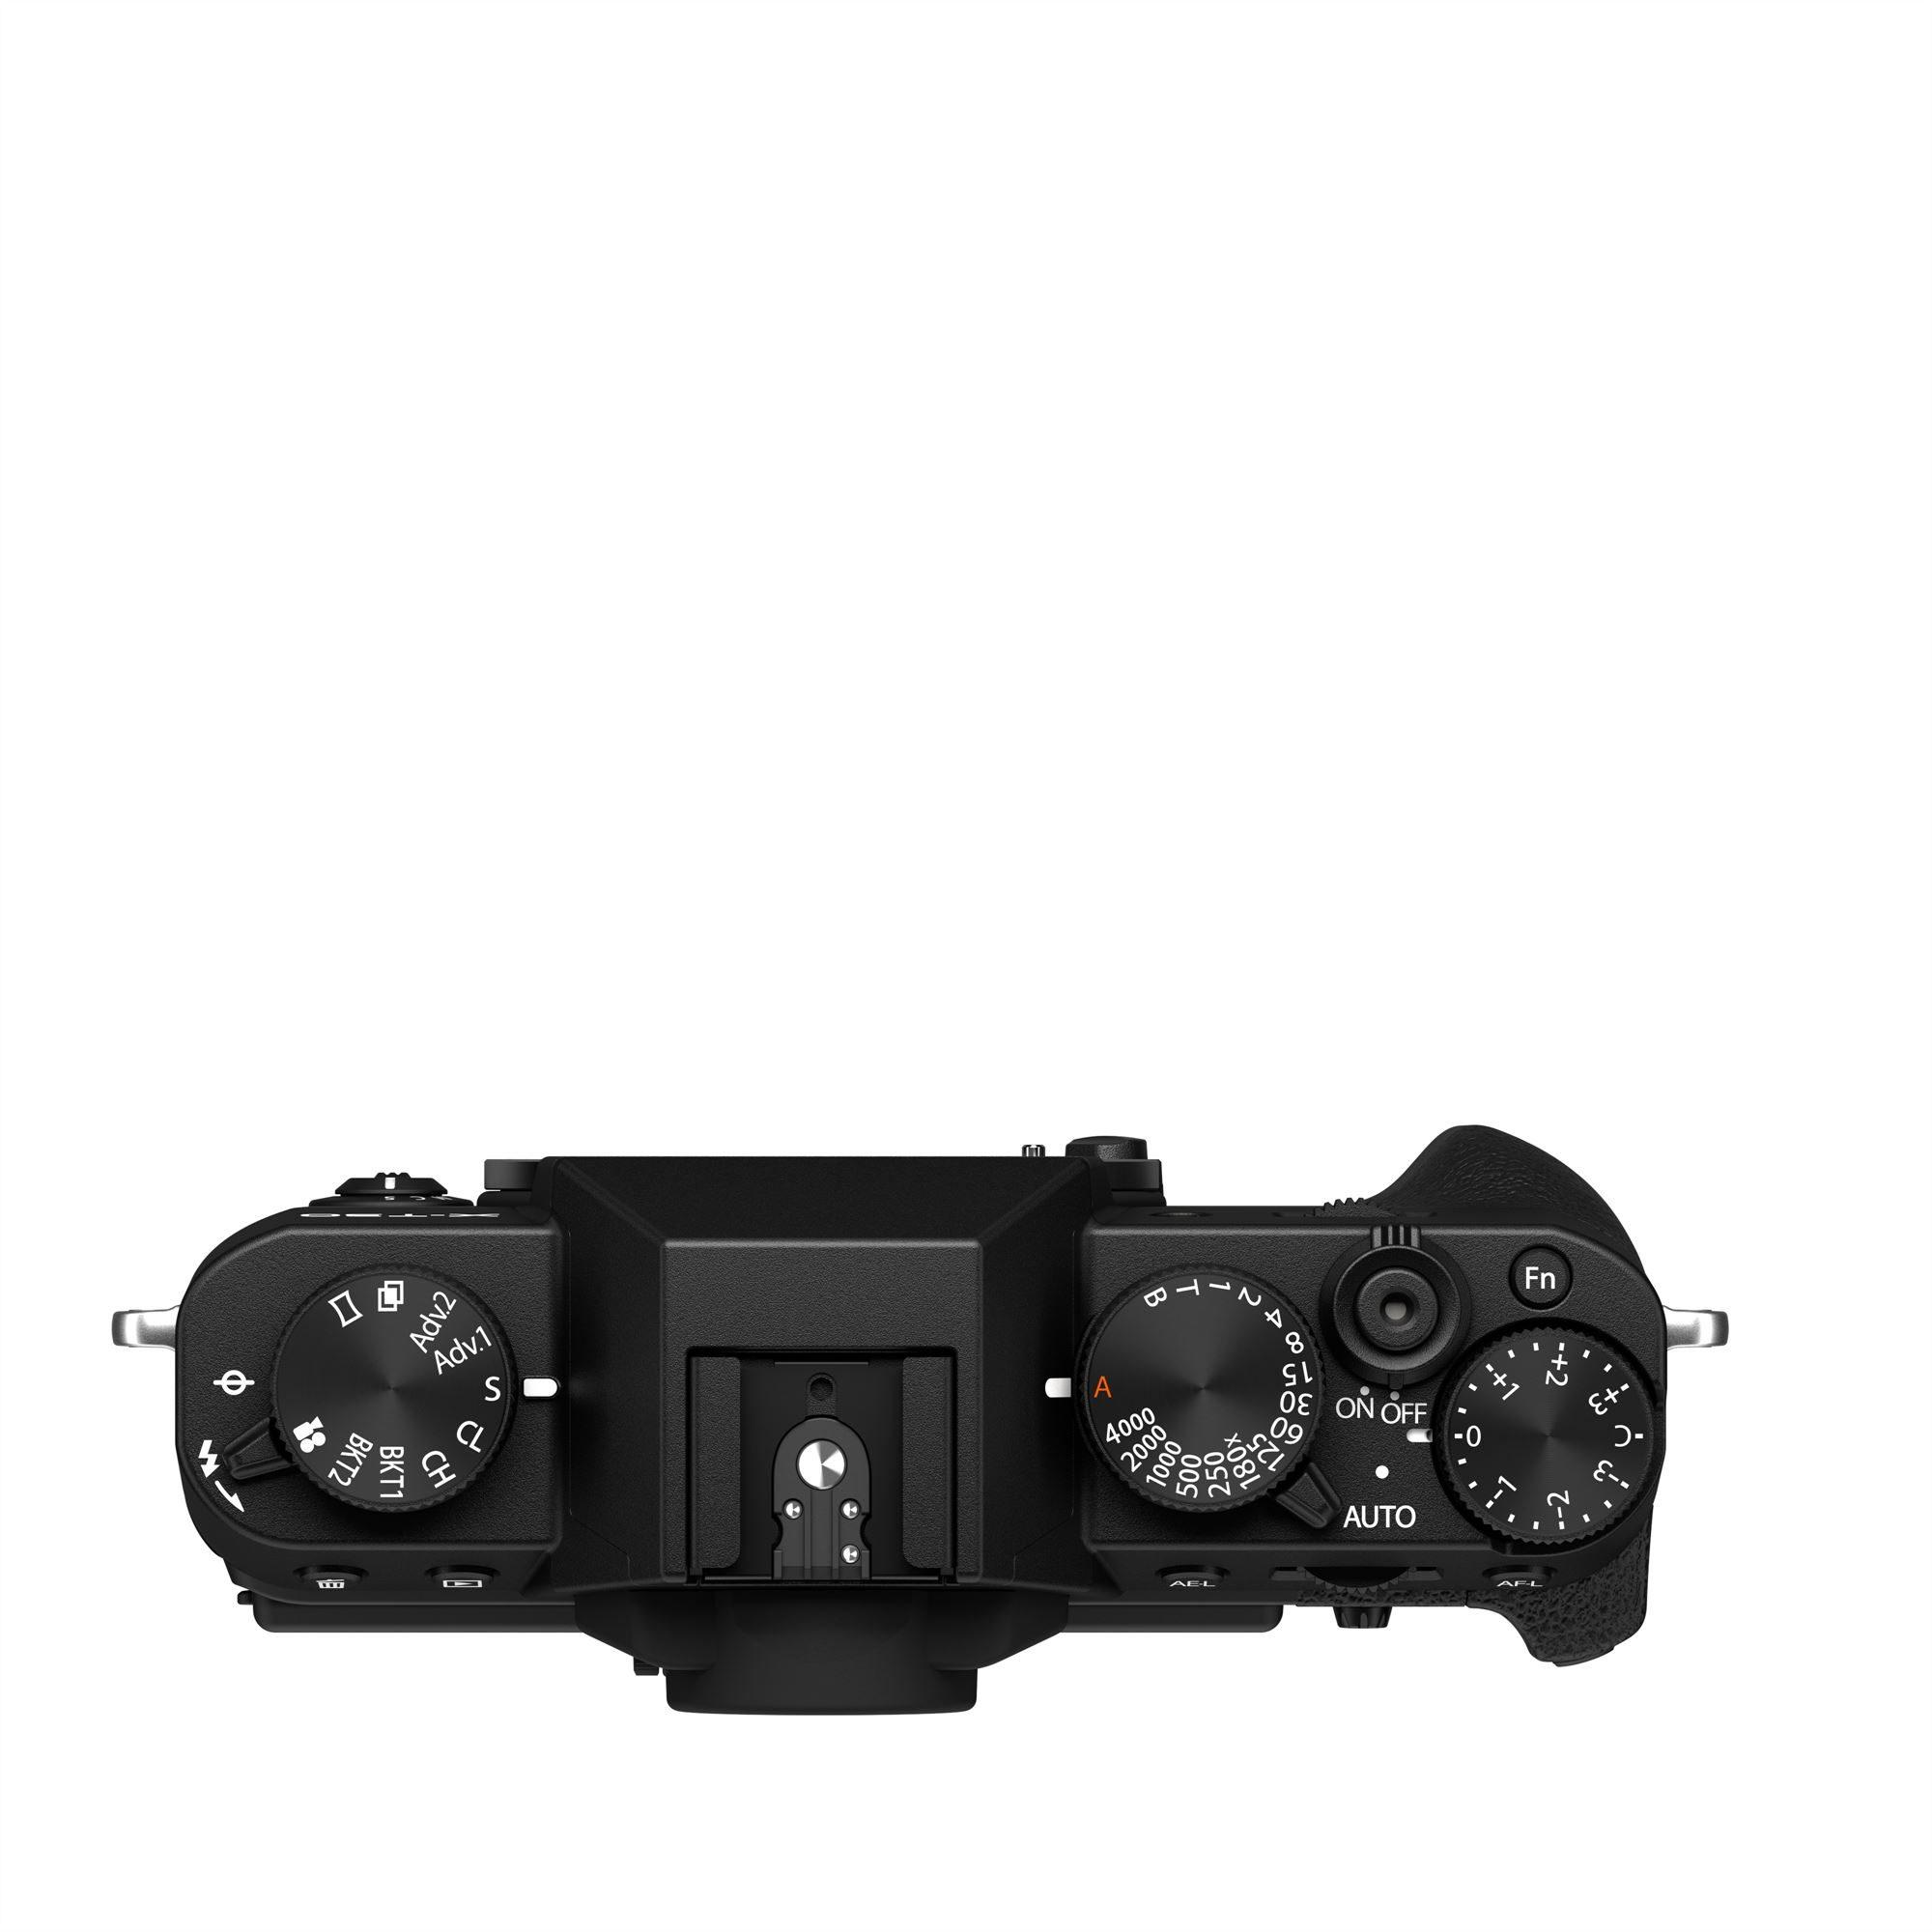 Fujifilm X-T30 II Body Only - Black